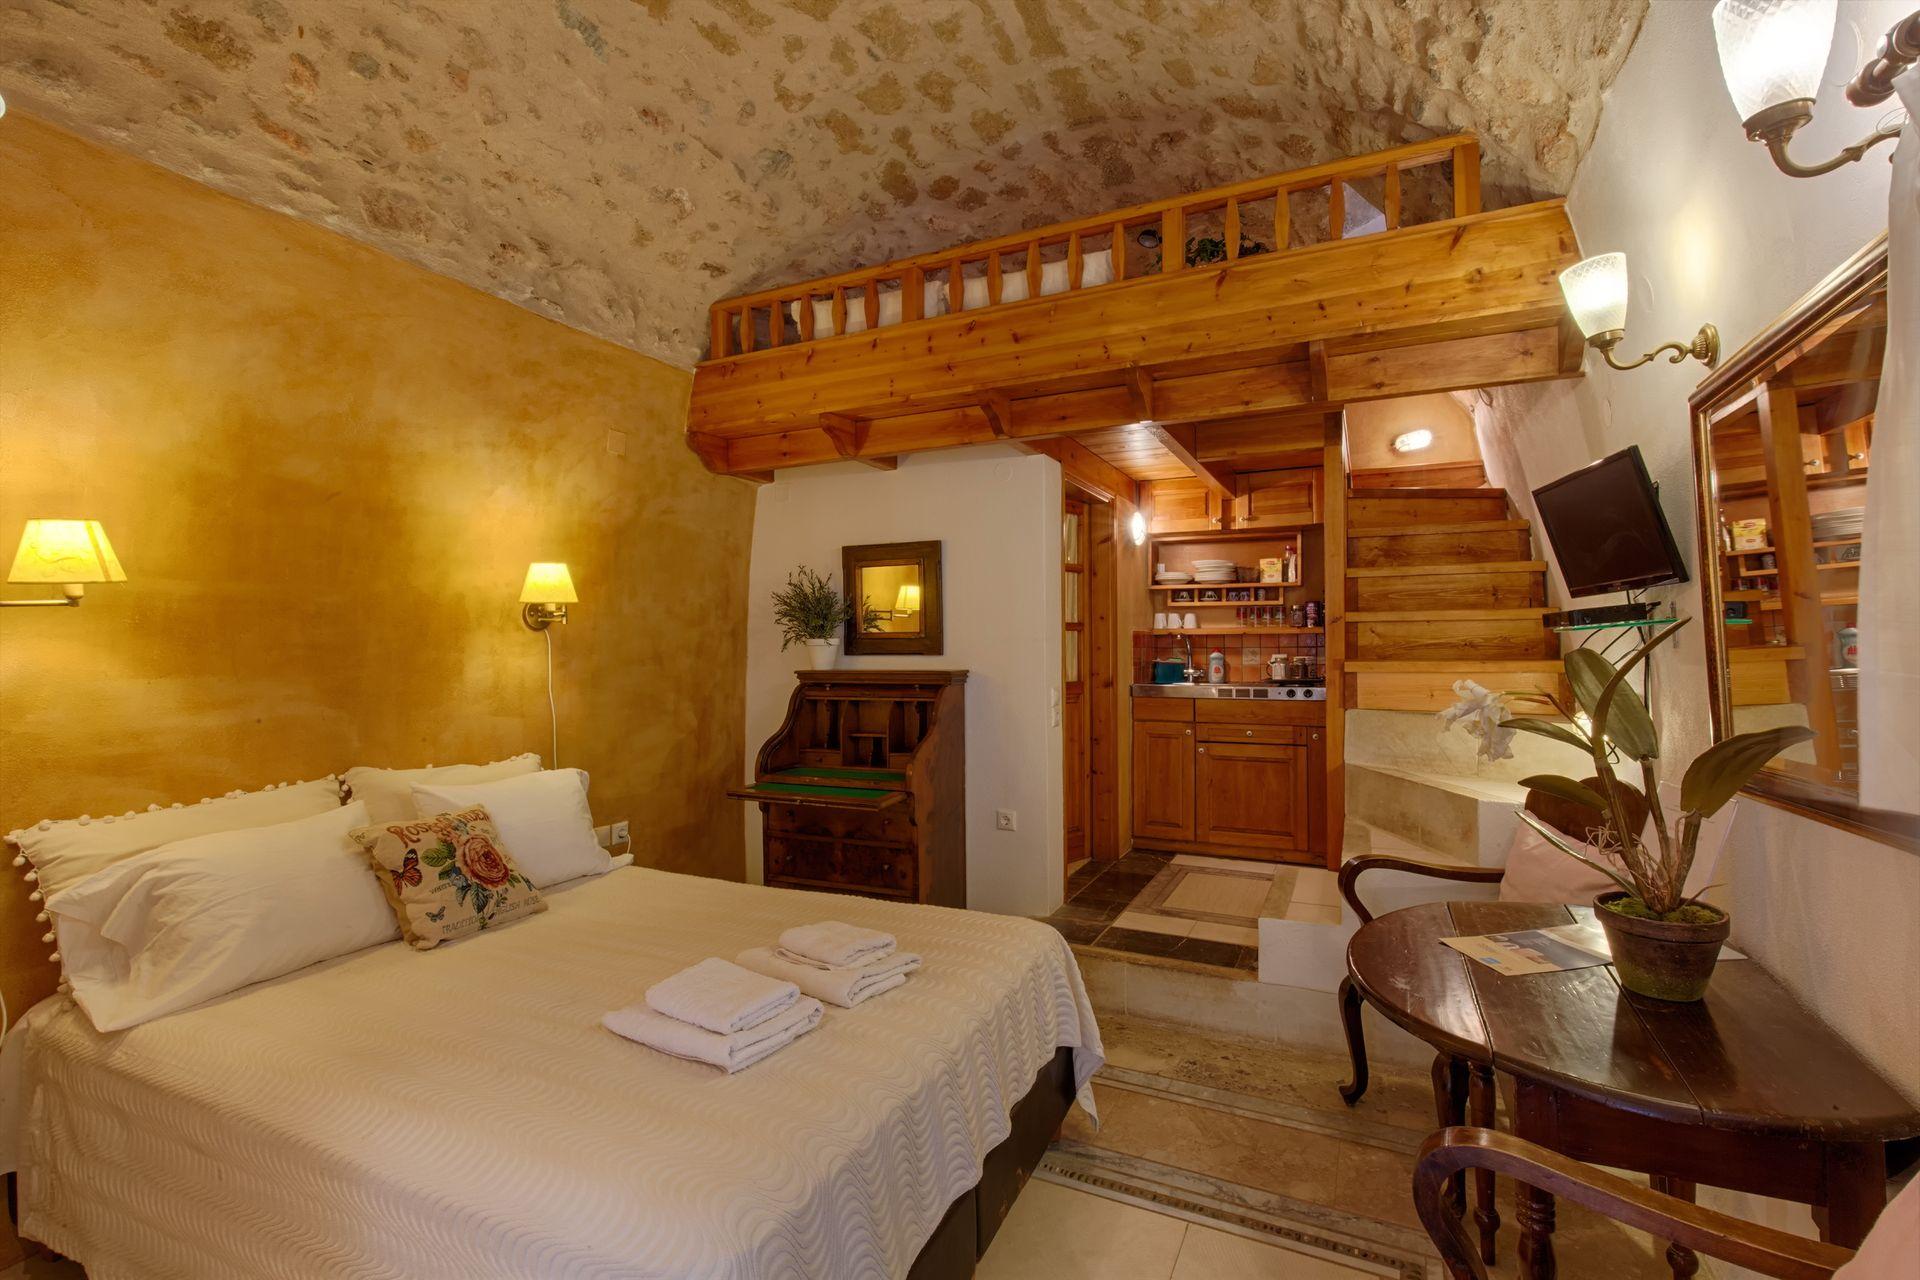 Dorovinis Monemvasia Castlehouses - Μονεμβασιά εικόνα